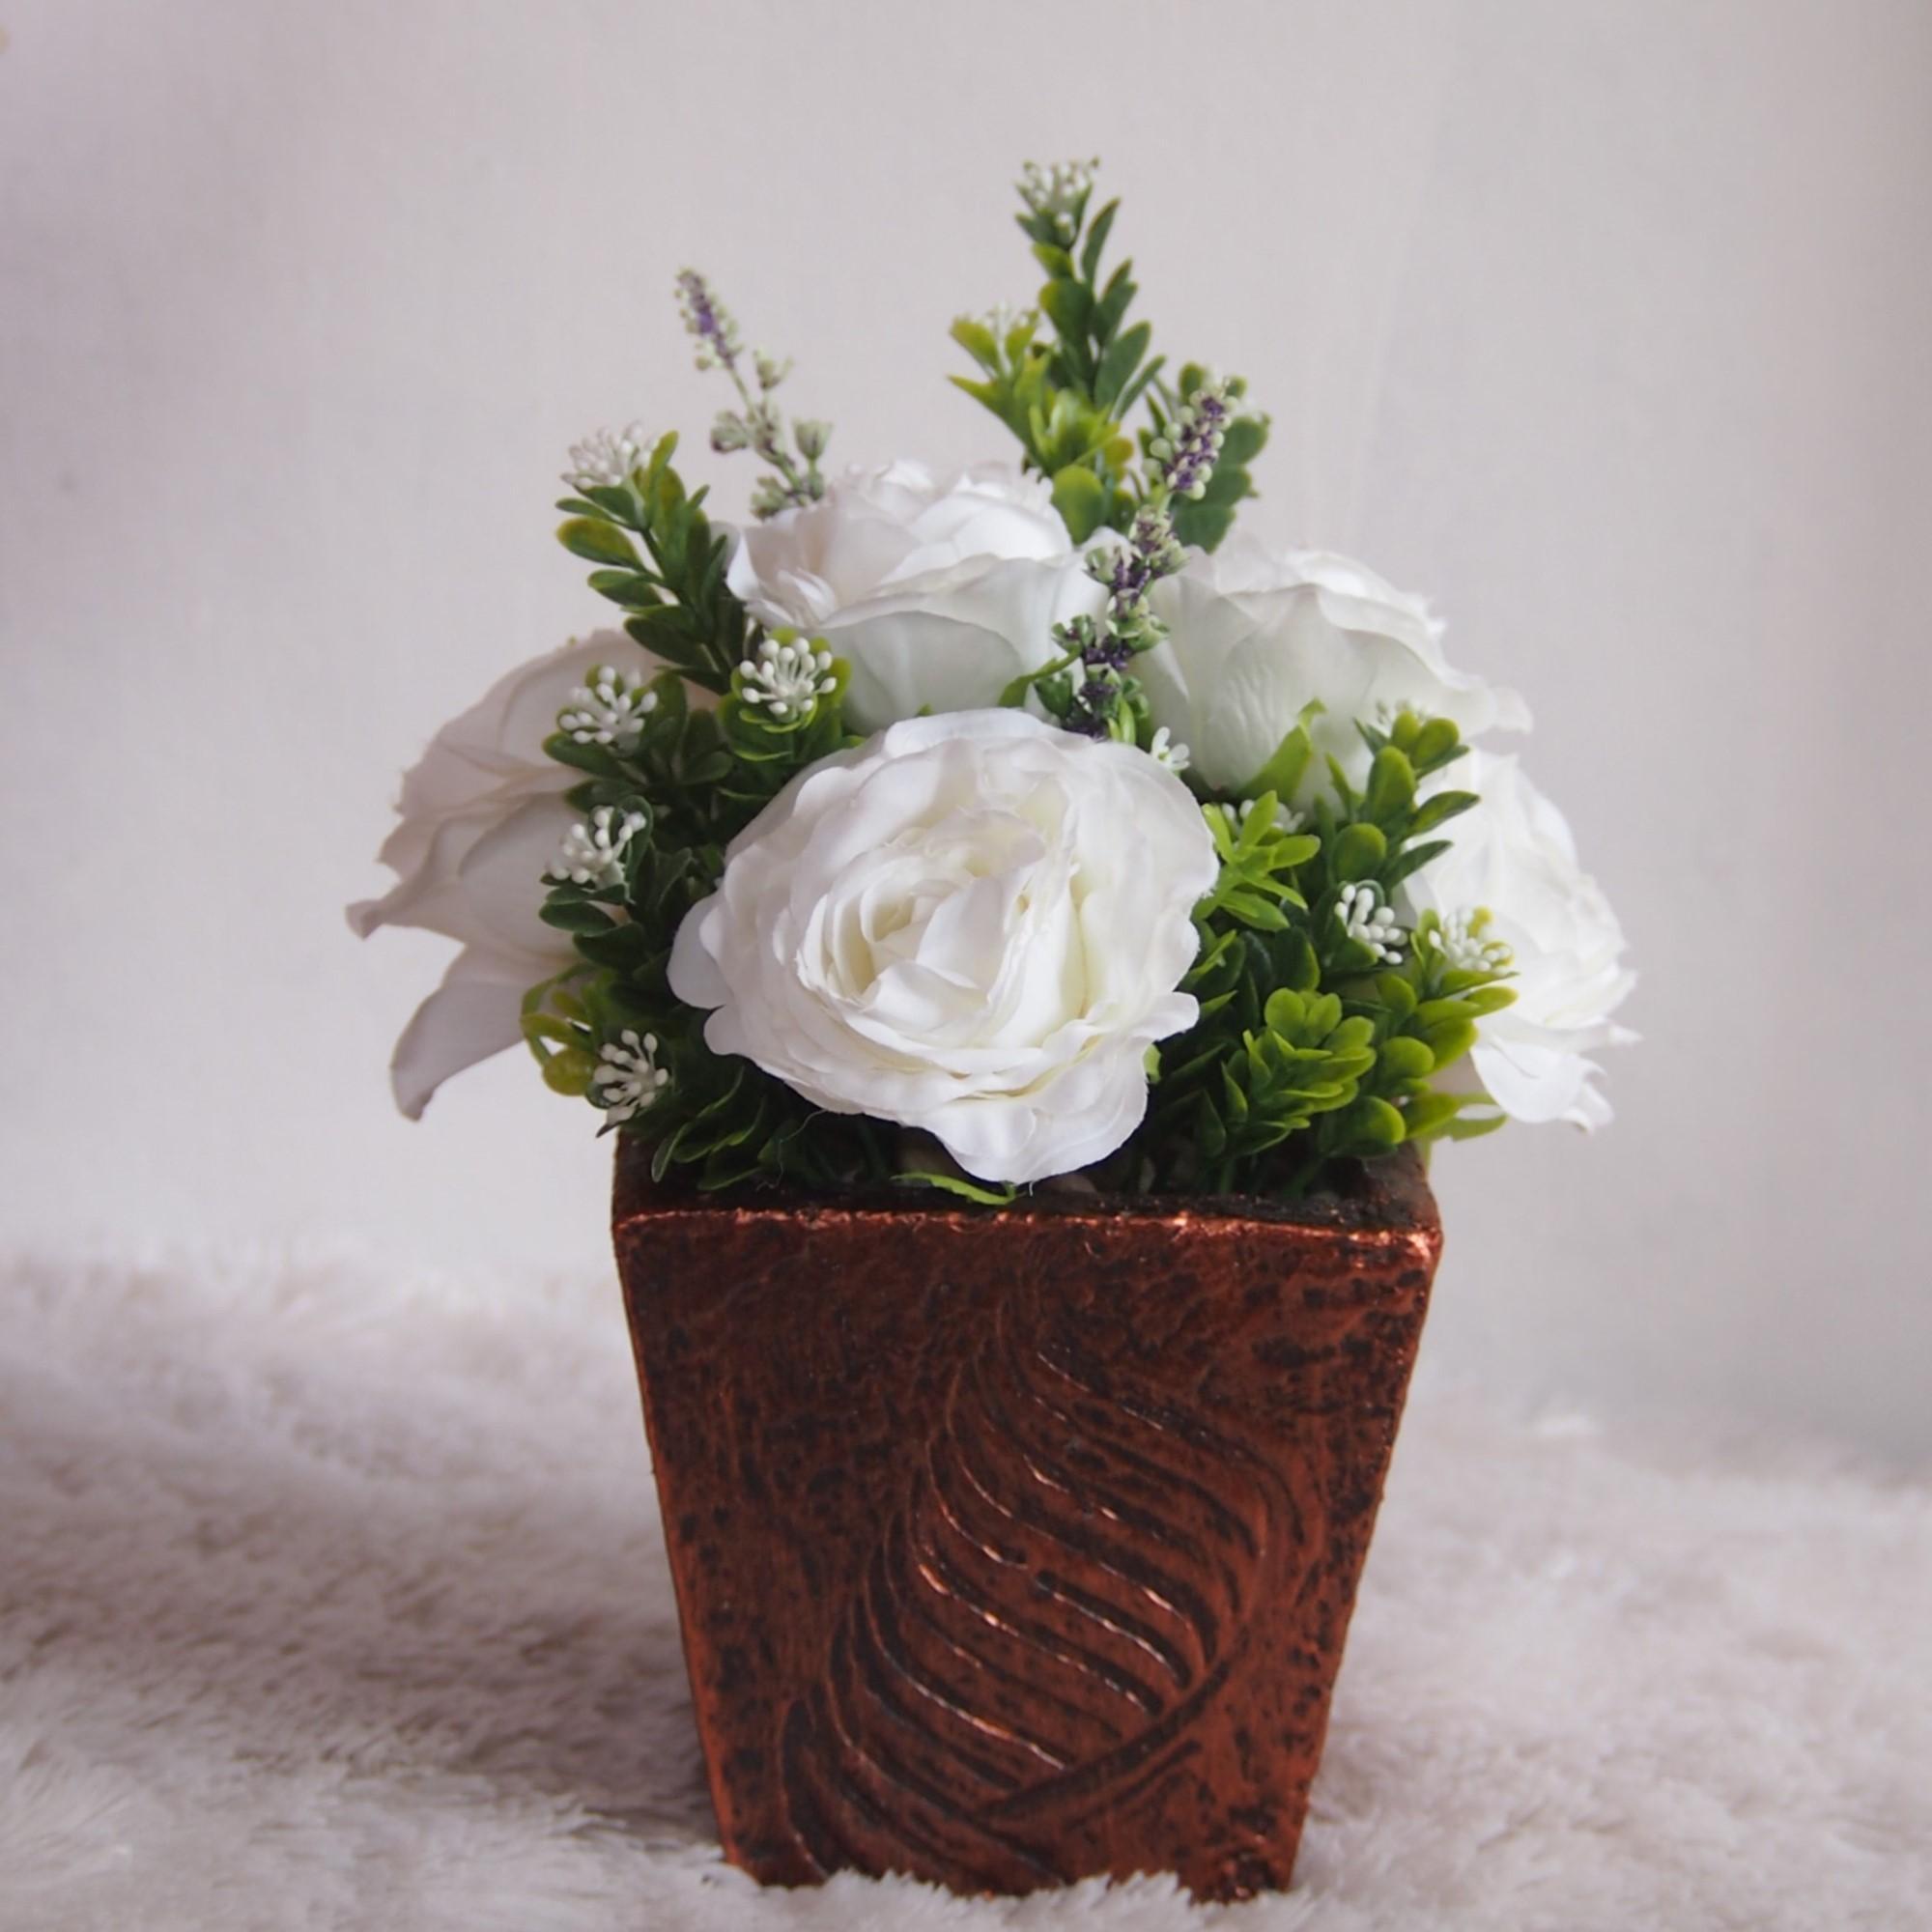 Bunga Dekorasi Dan Pajangan - Bunga Hiasan Meja - Bunga White Ros Vas Kayu TPK006